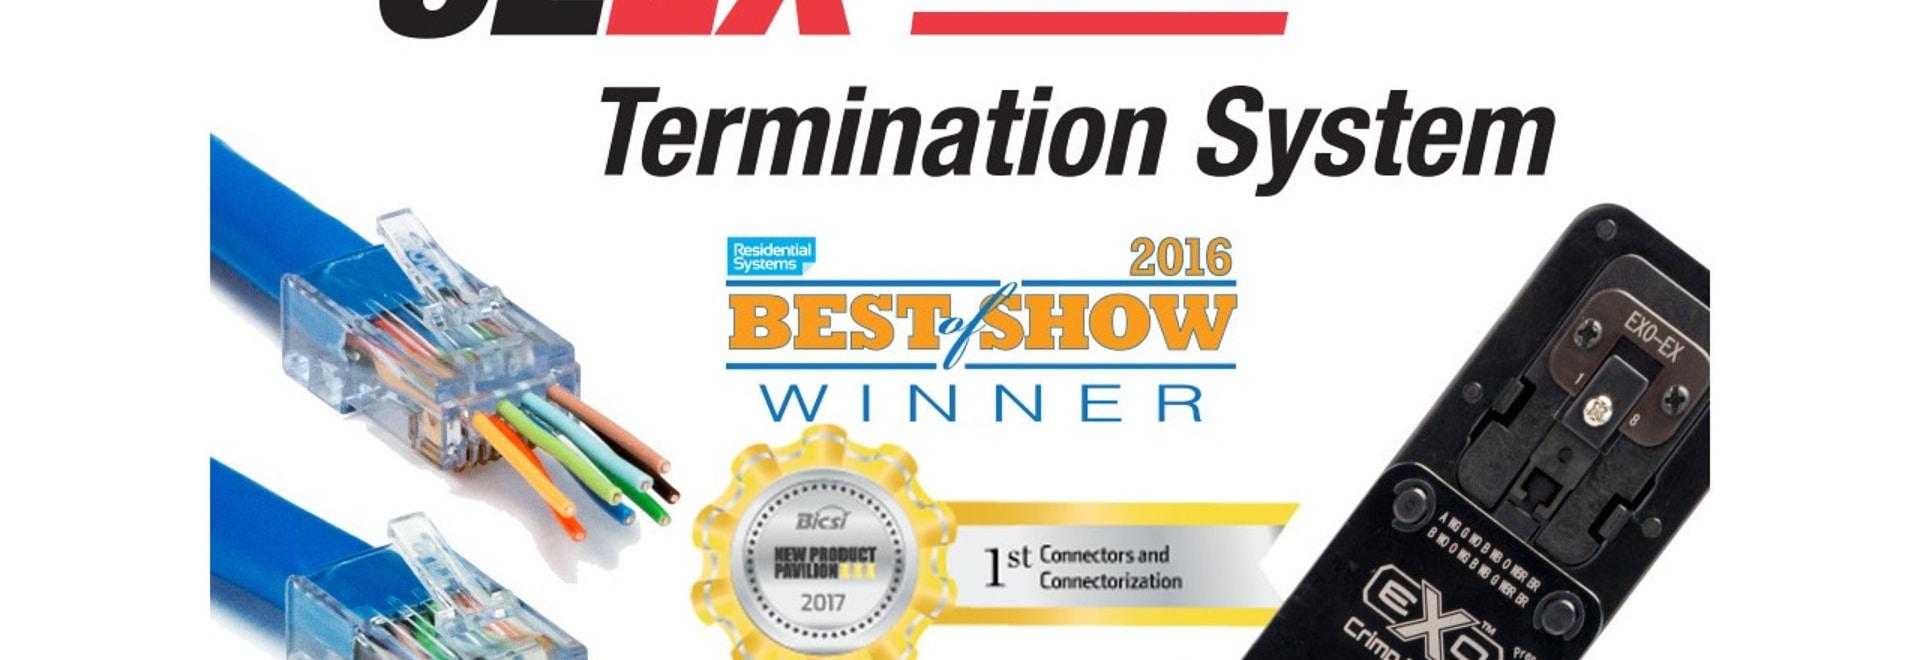 El platino Tools® ofrece el sistema de la terminación de Next Generation ezEX-RJ45™ en el oeste 2017 del ISC